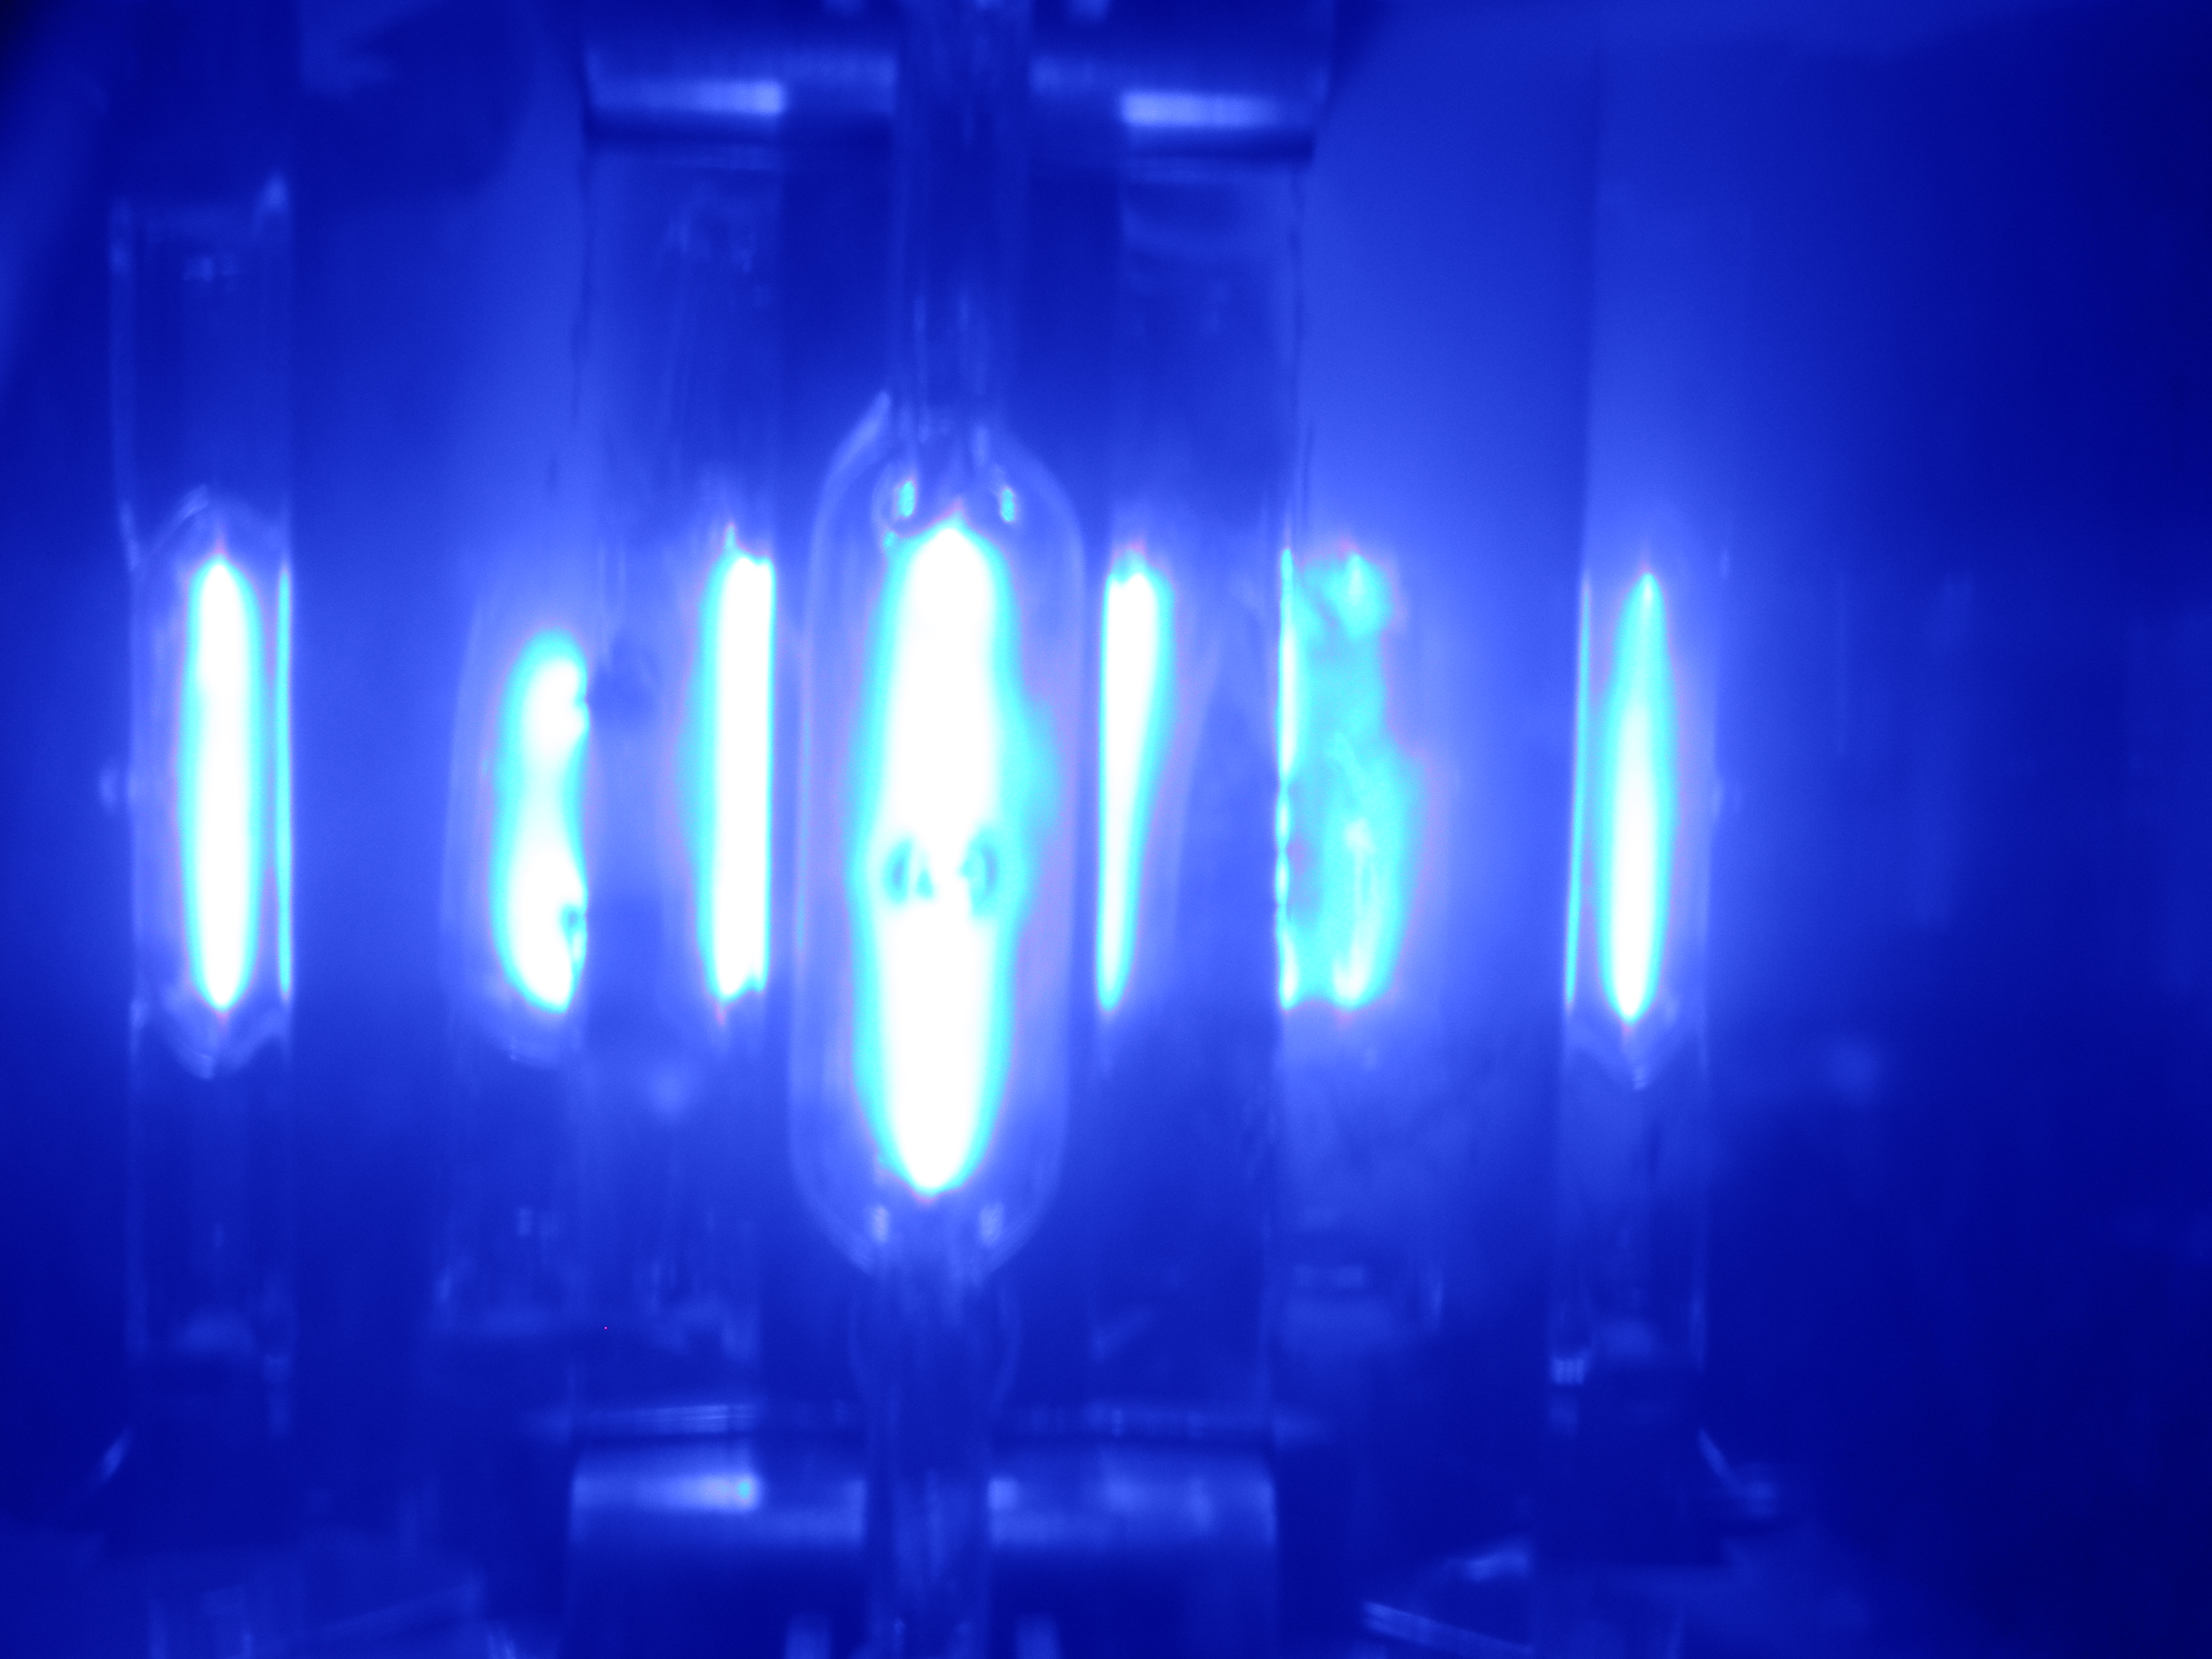 ultraviolet_tanning_bed_lamp_running.JPG